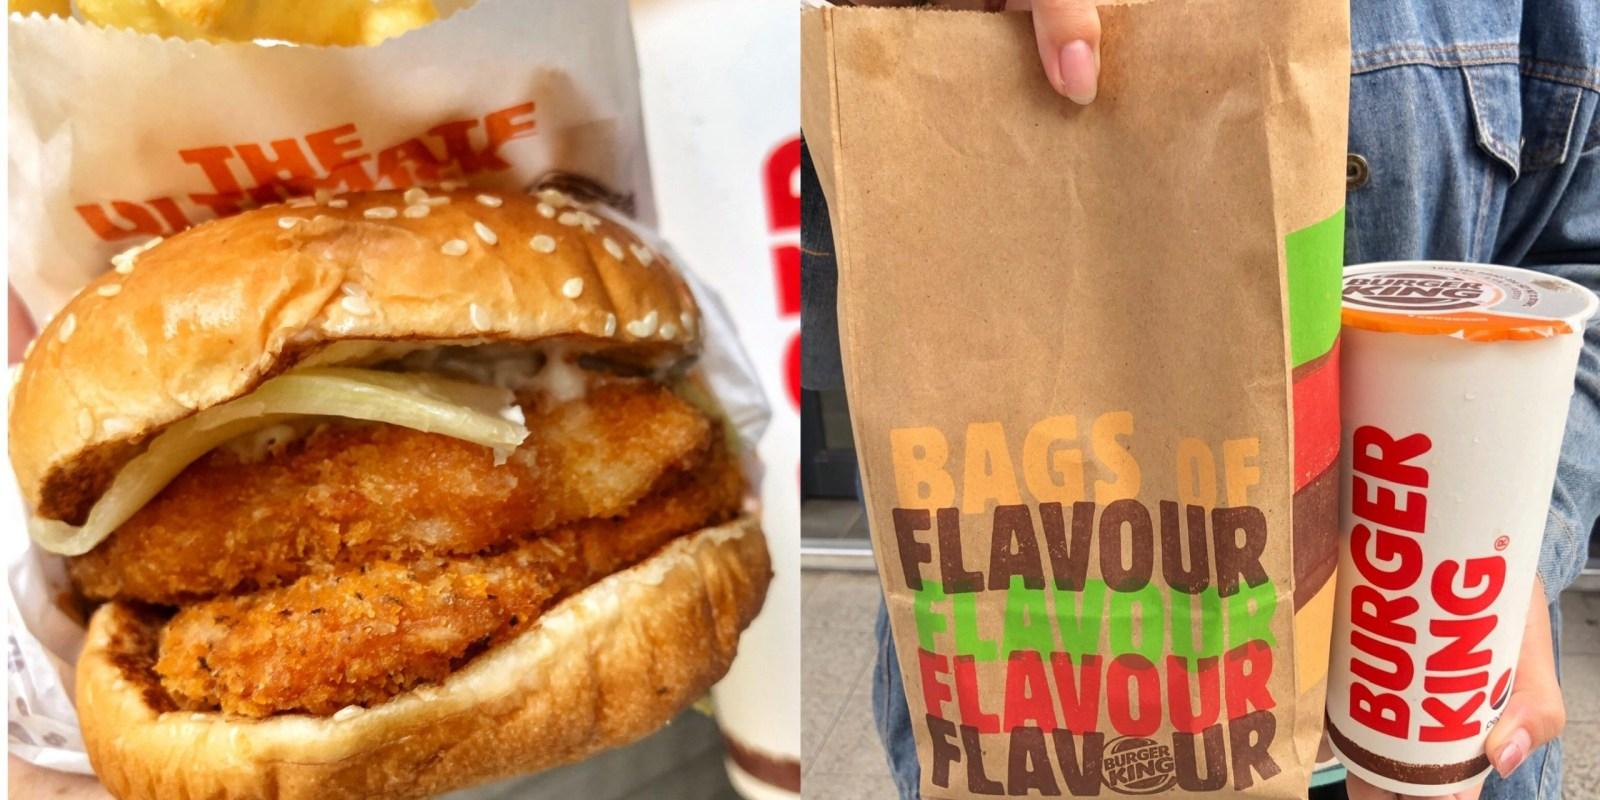 全台漢堡王連續19天「超狂買一送一」又來了,4款漢堡、薯條、可樂等等 通通下殺五折優惠 包吃包喝吃起來!!!